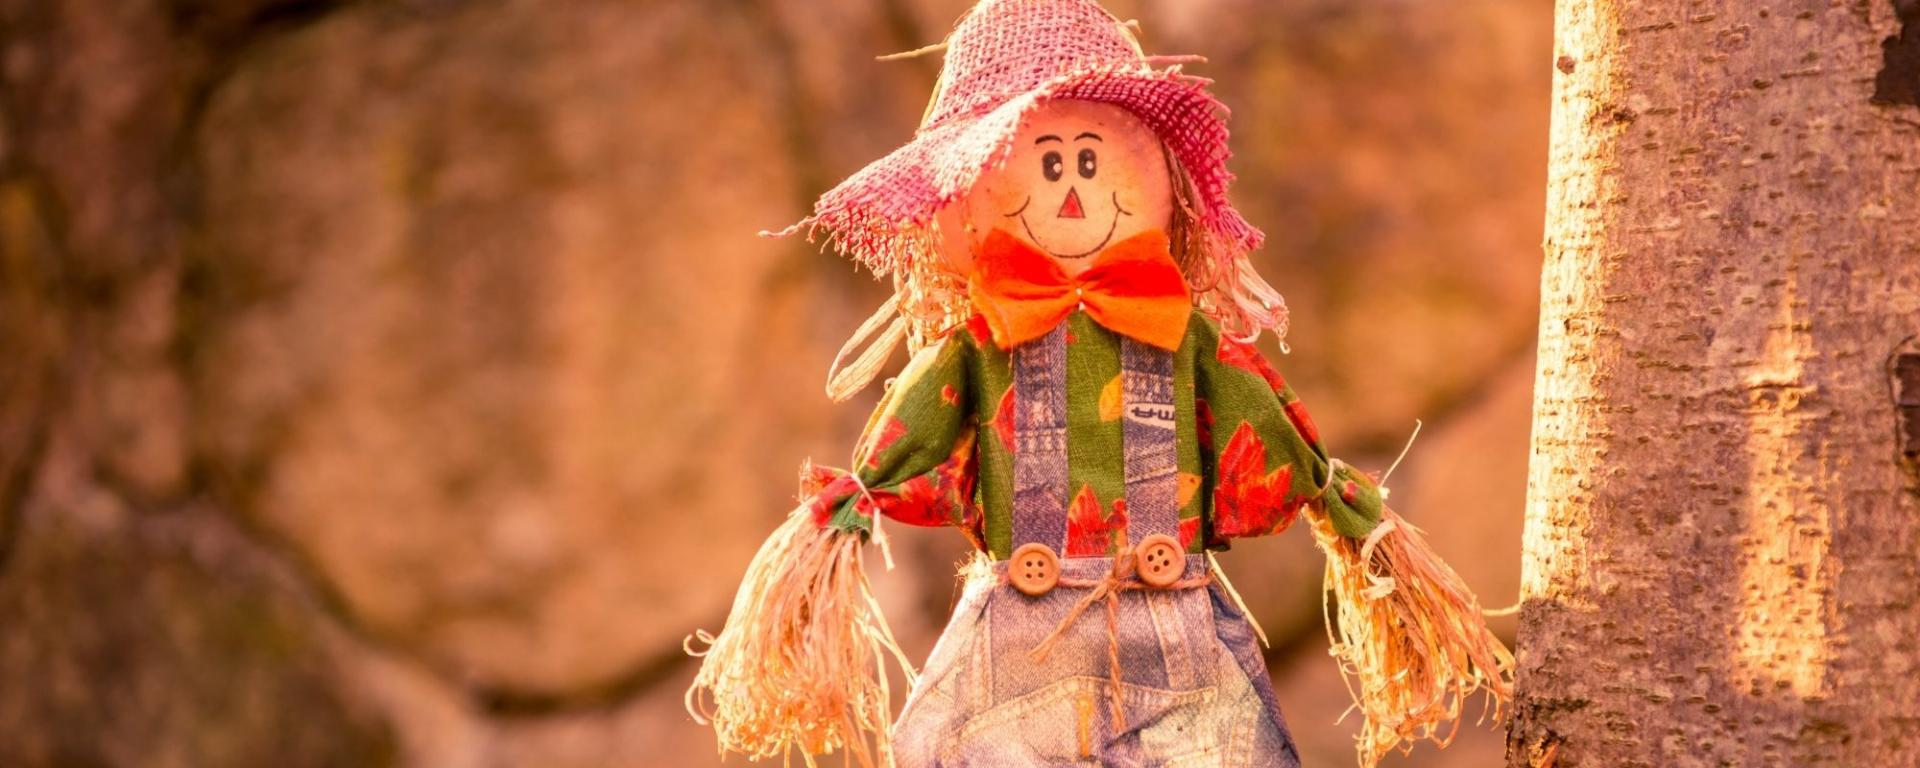 Autumn Scarecrow Trail